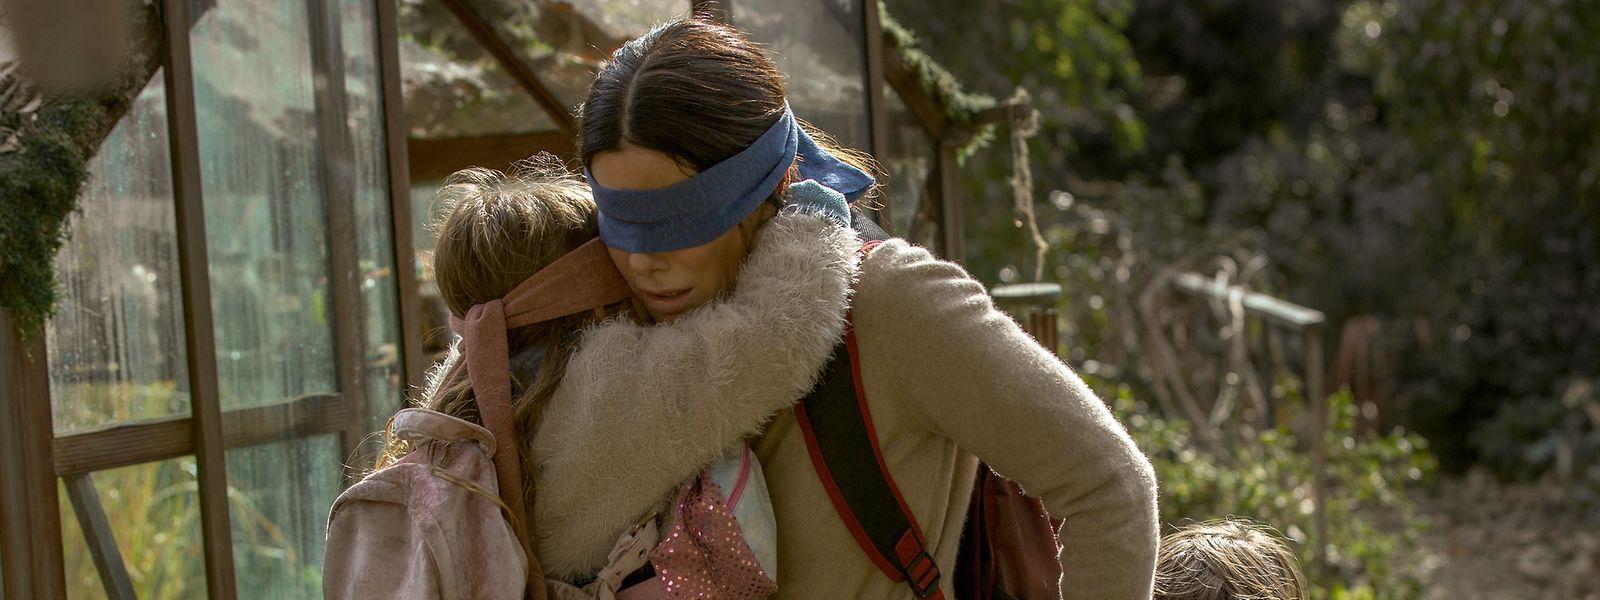 """Der Netflix-Film """"Bird Box"""" mit Sandra Bullock löste einen Hype aus: Jugendliche filmten sich beim Herumirren mit Augenbinde."""